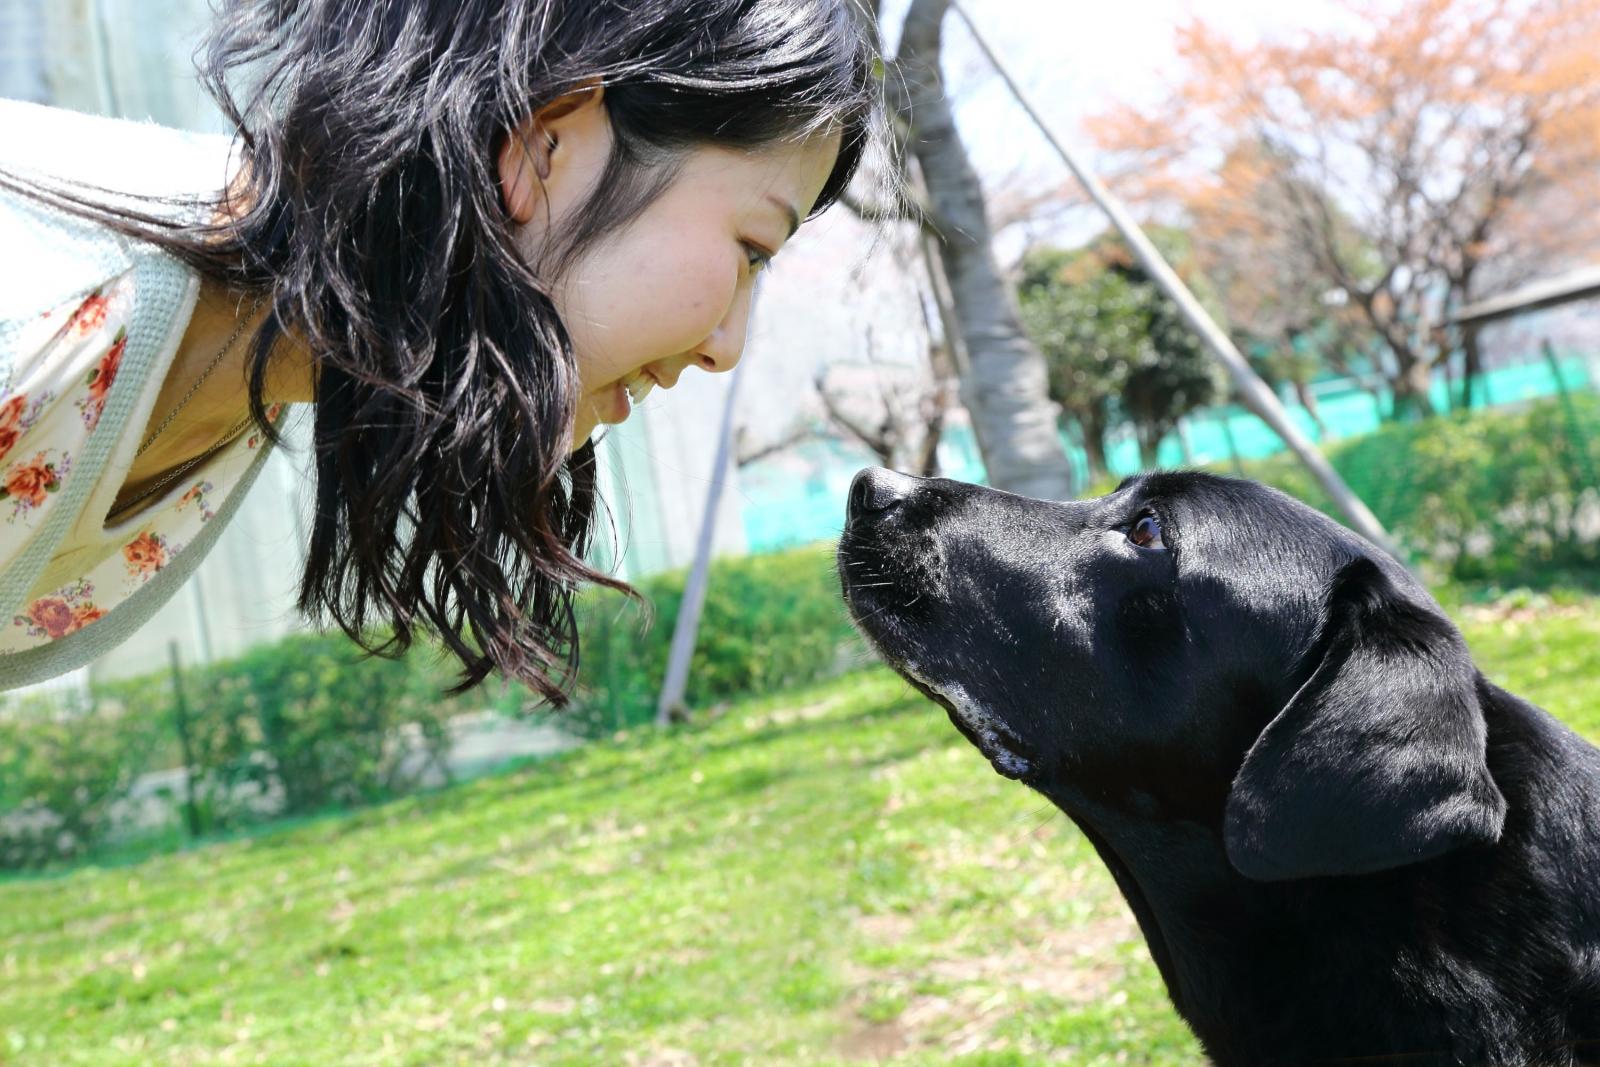 Eye Contact Dogs Humans oxytocin